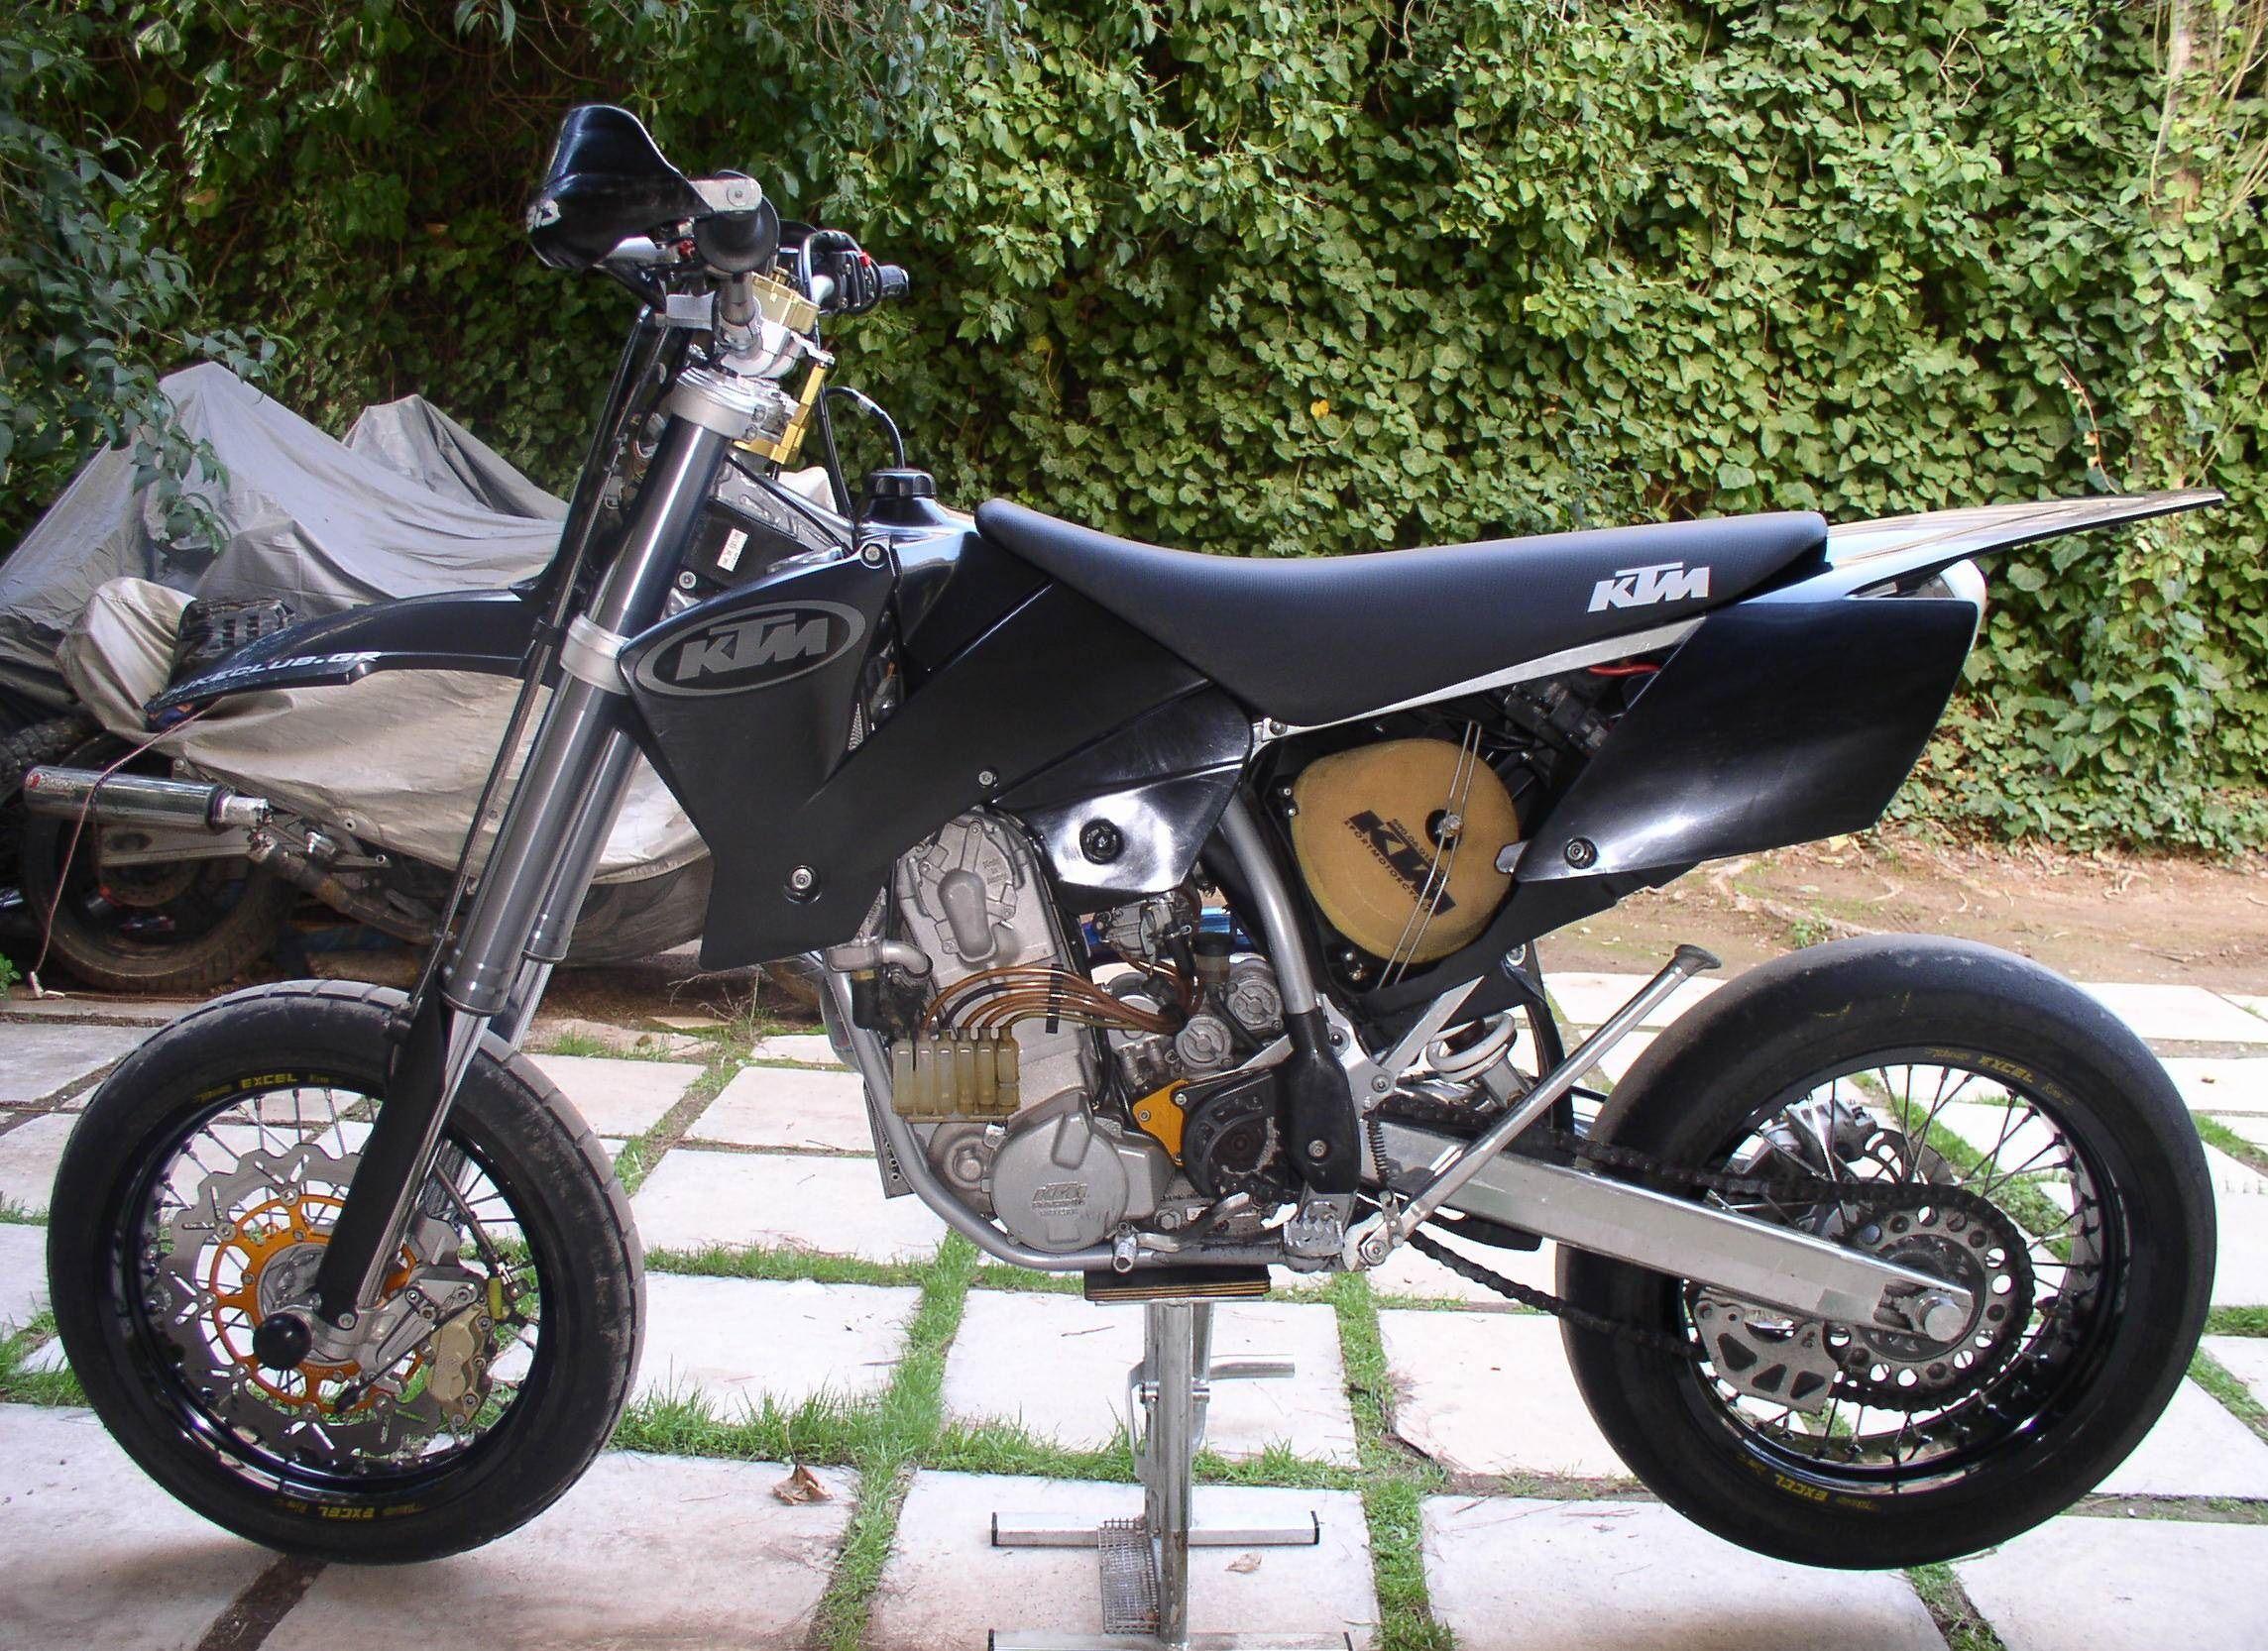 Pin By Carlo Capuco On Ktm 520 Exc Ktm Ktm 520 Exc Ktm Exc